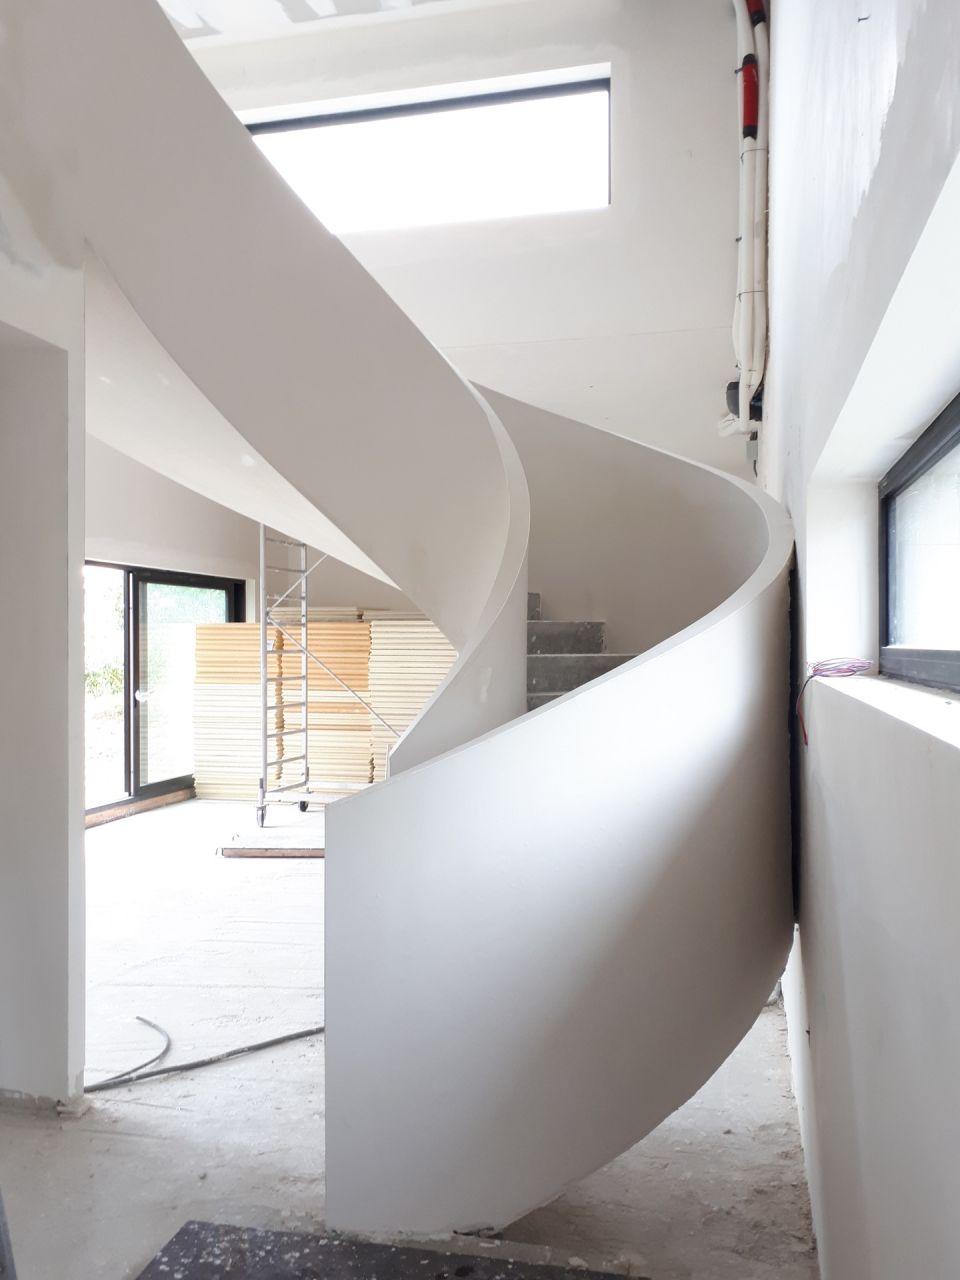 Escalier après finition plâtre